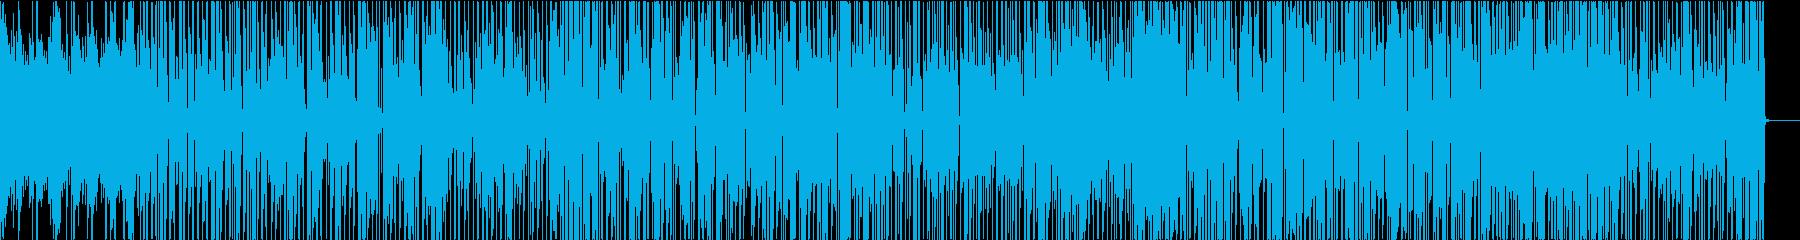 キッズの再生済みの波形